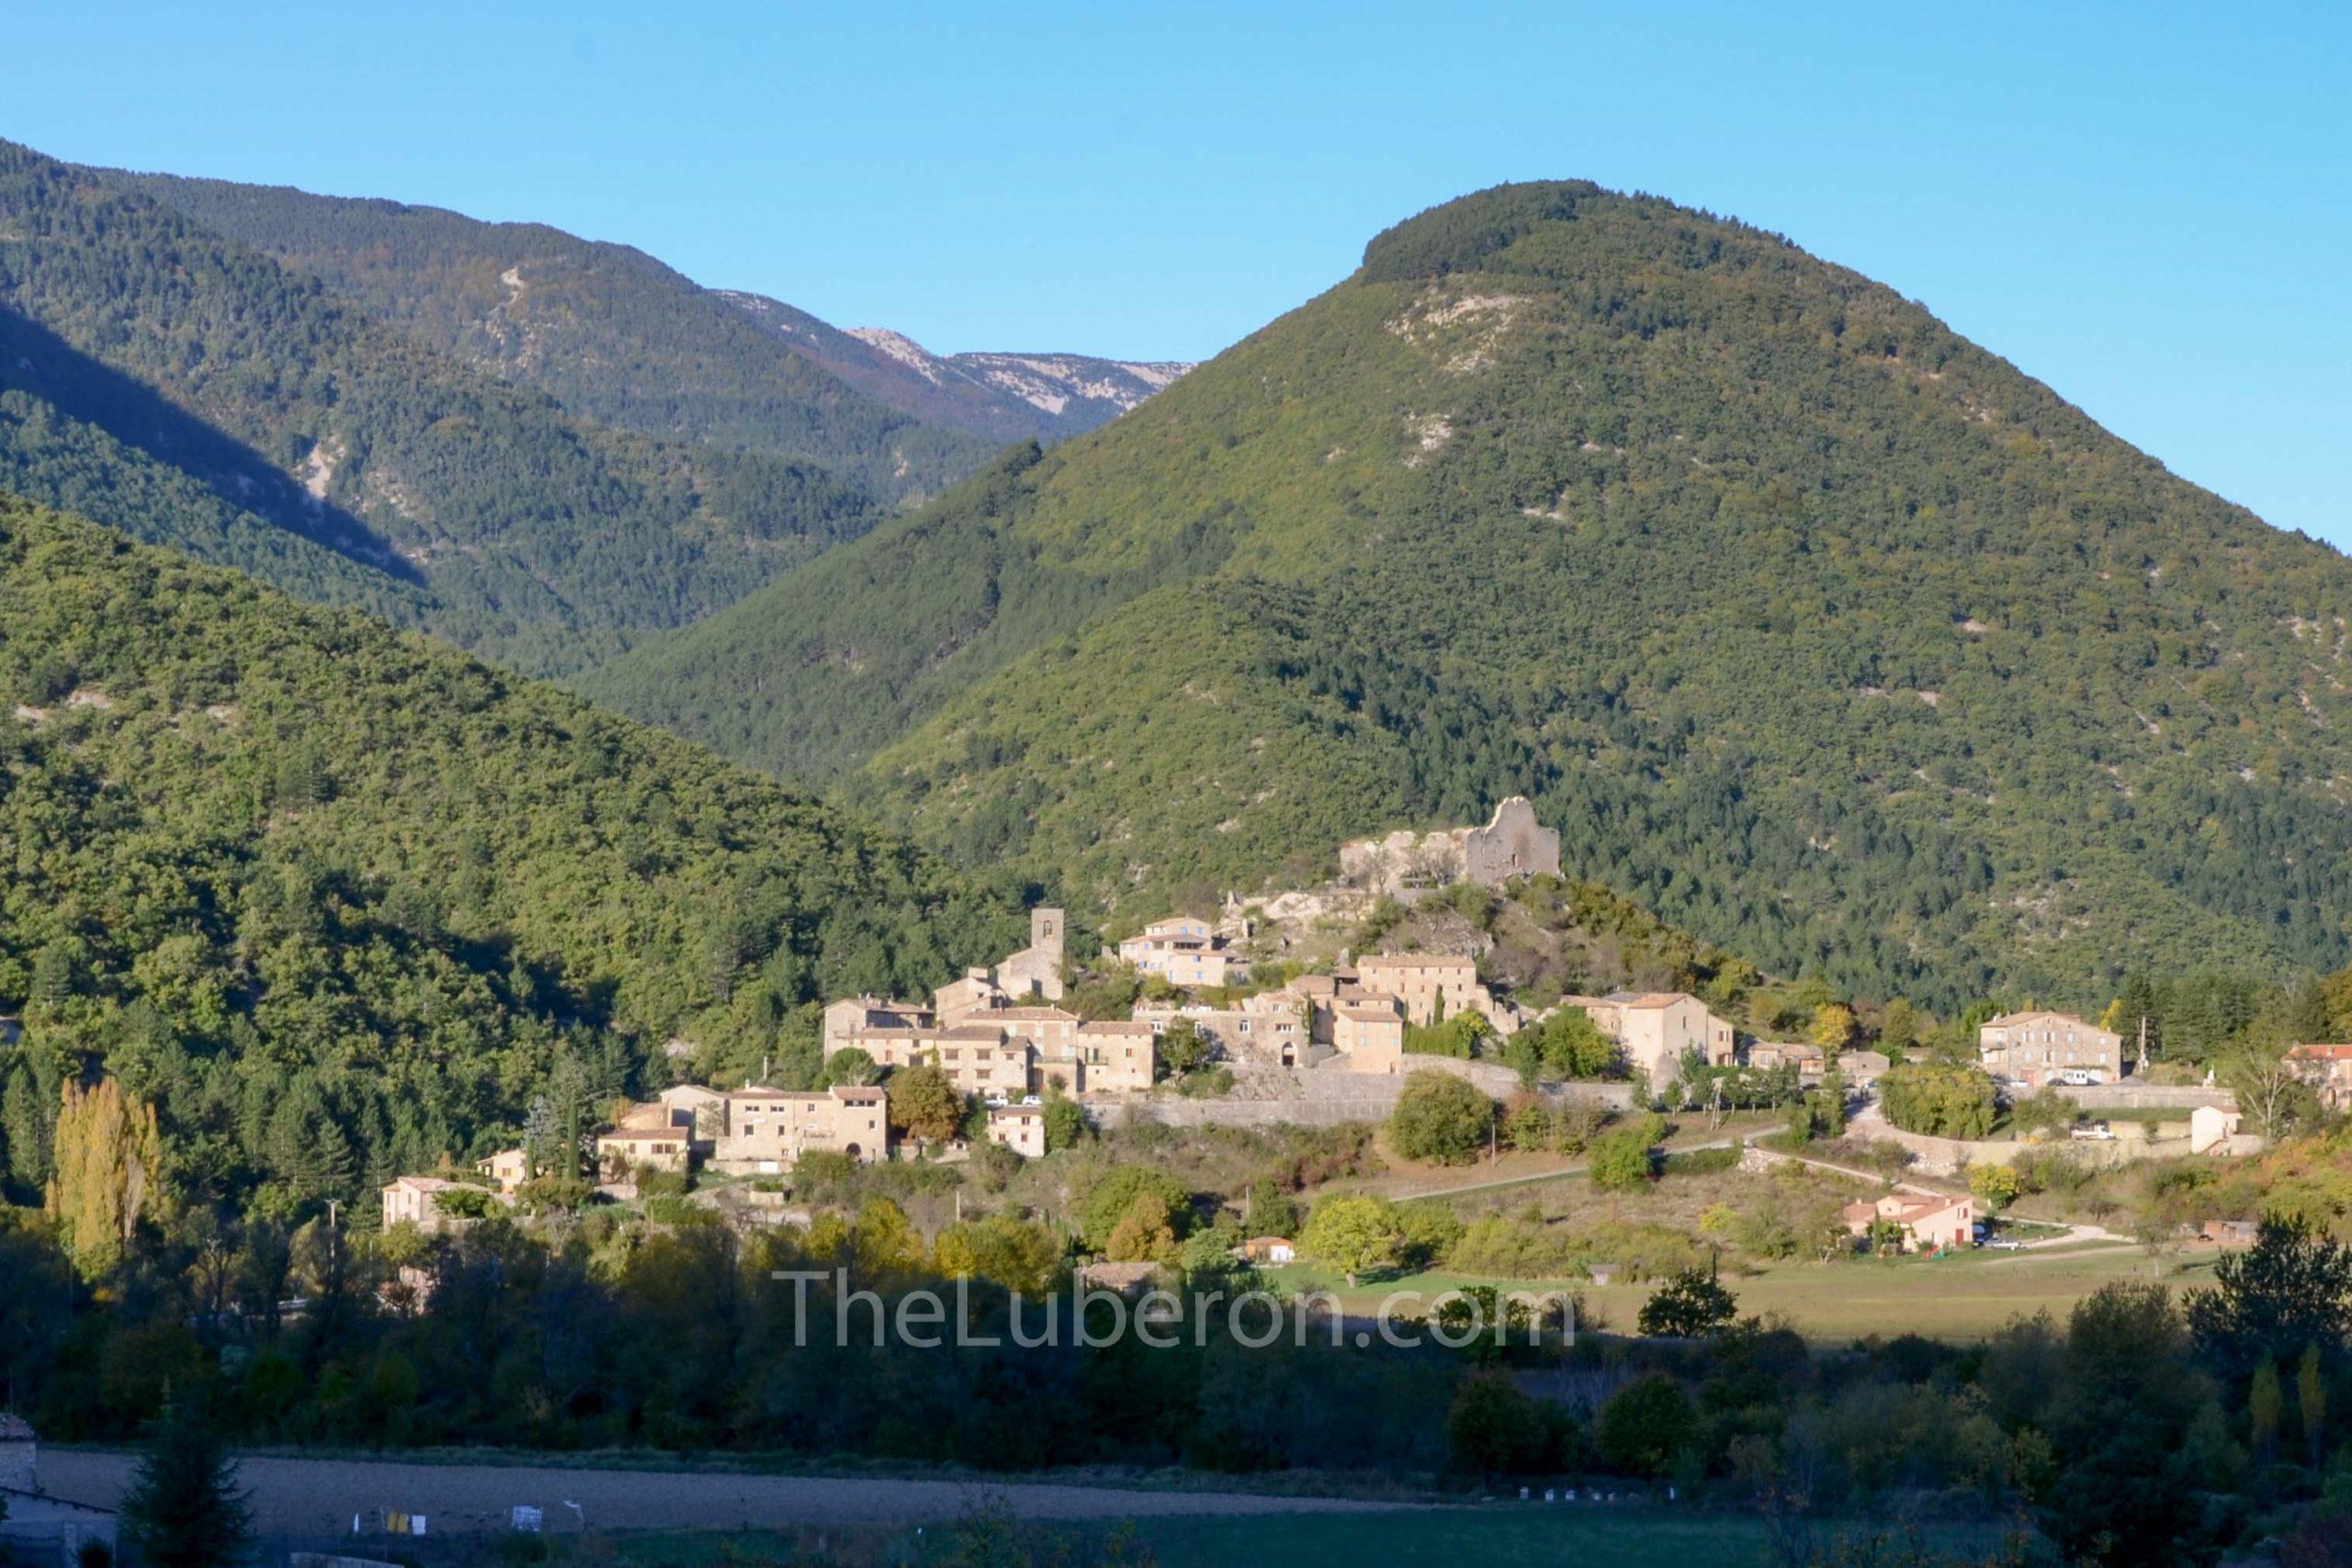 Reilhanette village in hills